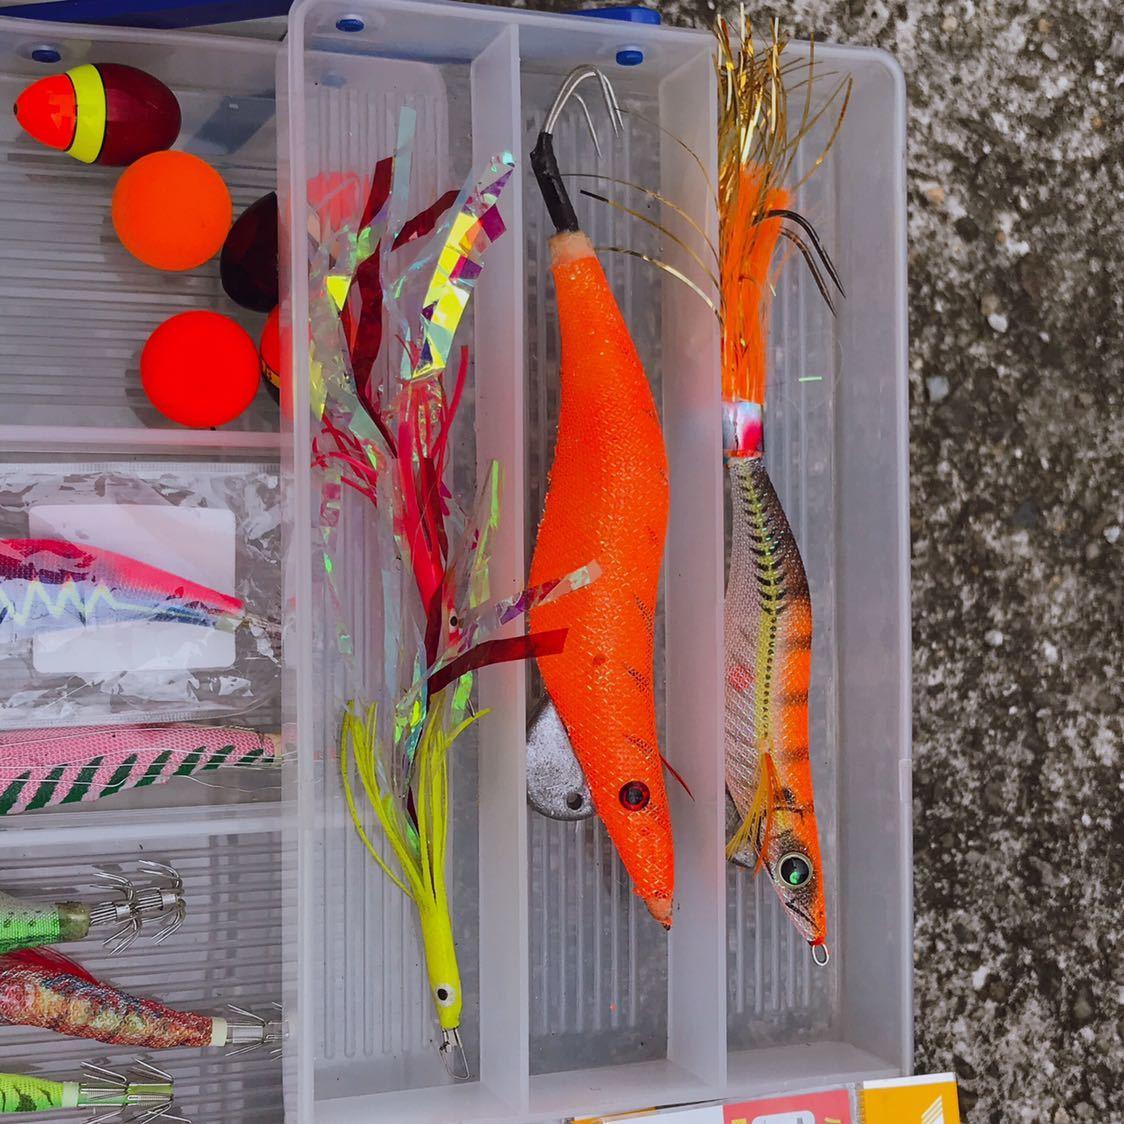 1円 海釣り 仕掛け いろいろ セット 鉛スッテ タコエギ ハリスなど 画像参照_画像4